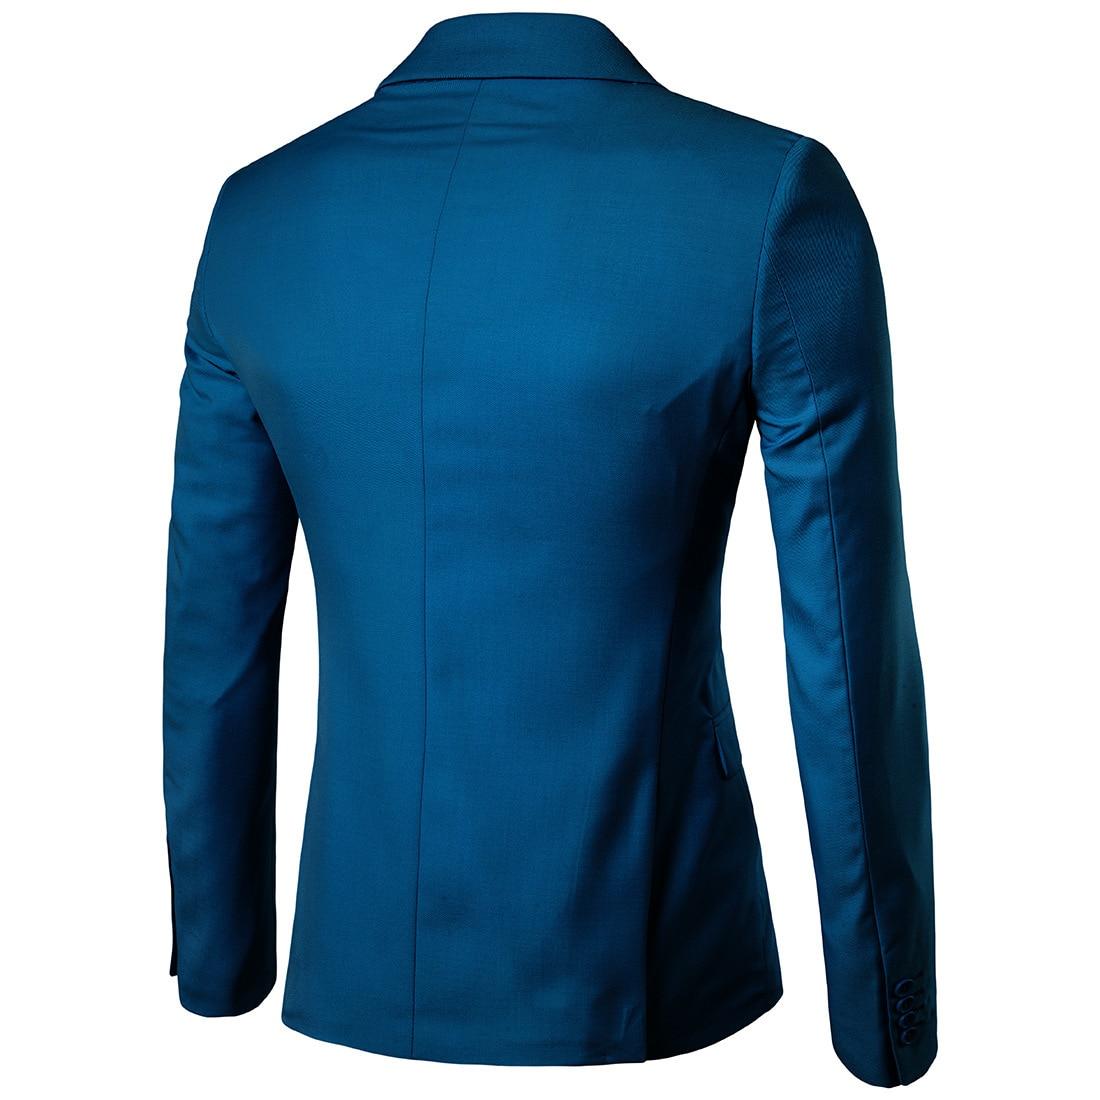 Business Leisure Suit Lang Best Man Wedding One-Button Suit Jacket Men'S Wear 9-Color Xf001 Suit